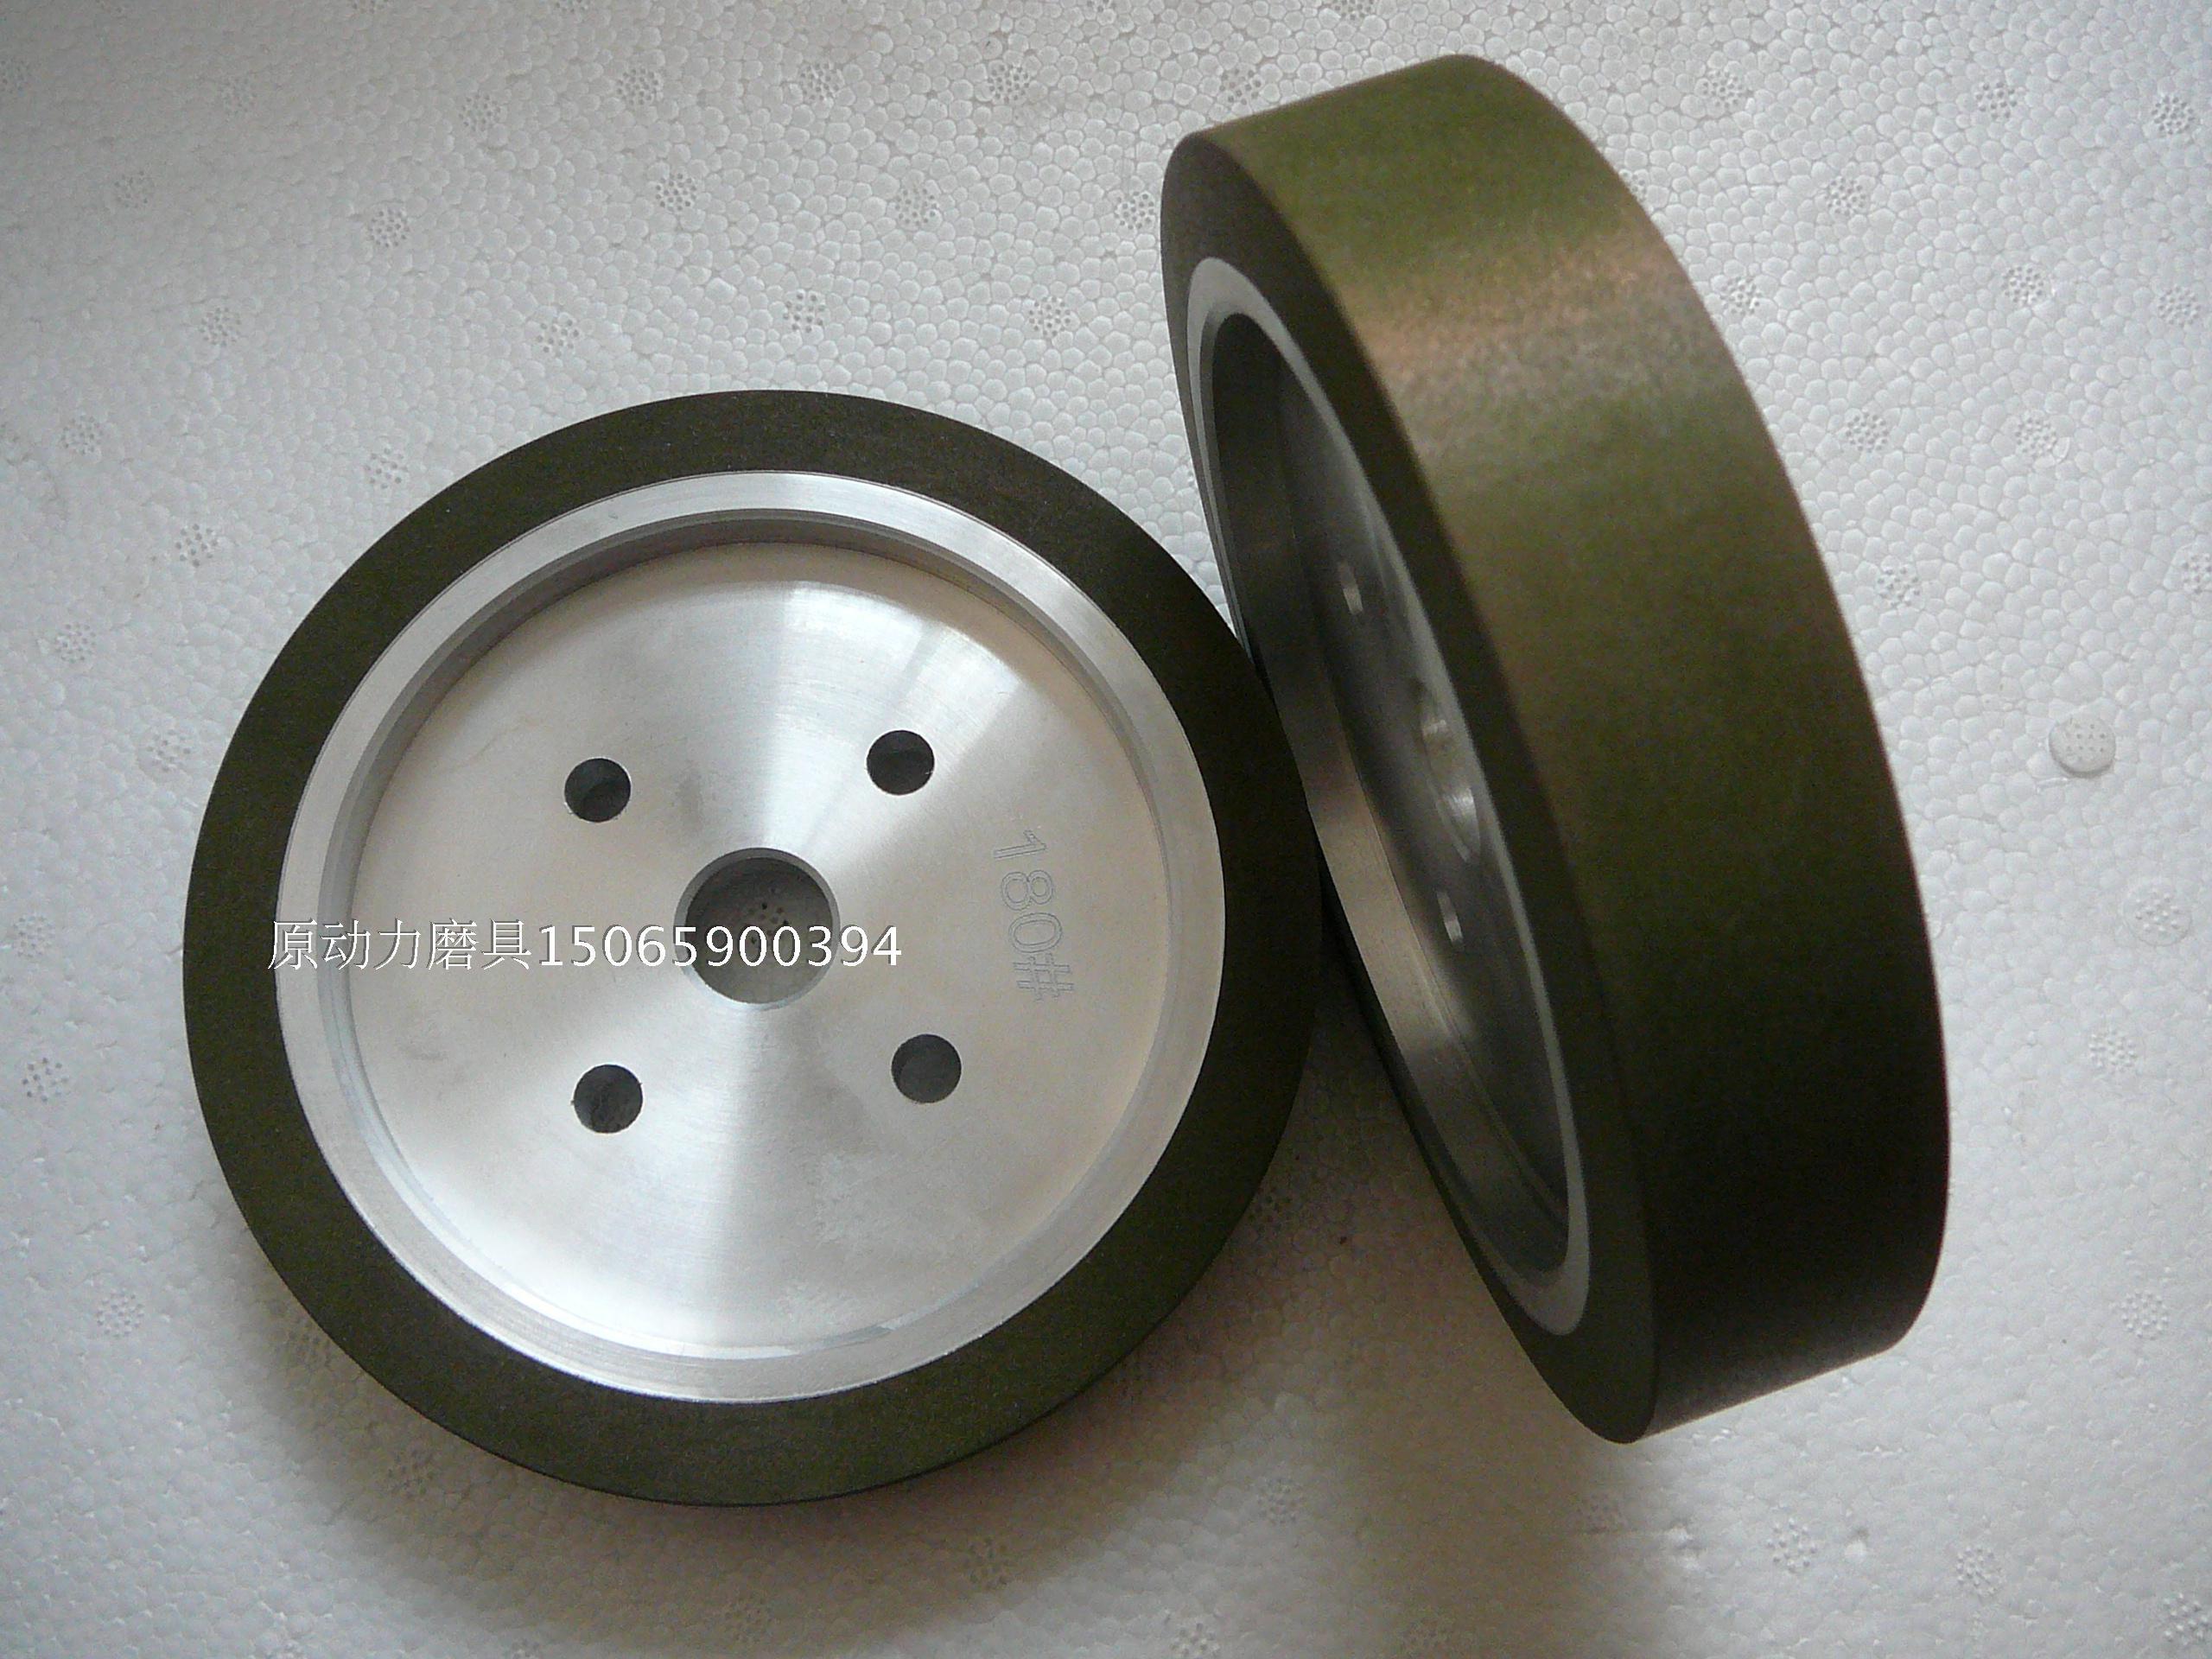 凯业四边磨树脂轮 玻璃四边磨磨轮 玻璃磨边机磨轮160*22*35包邮